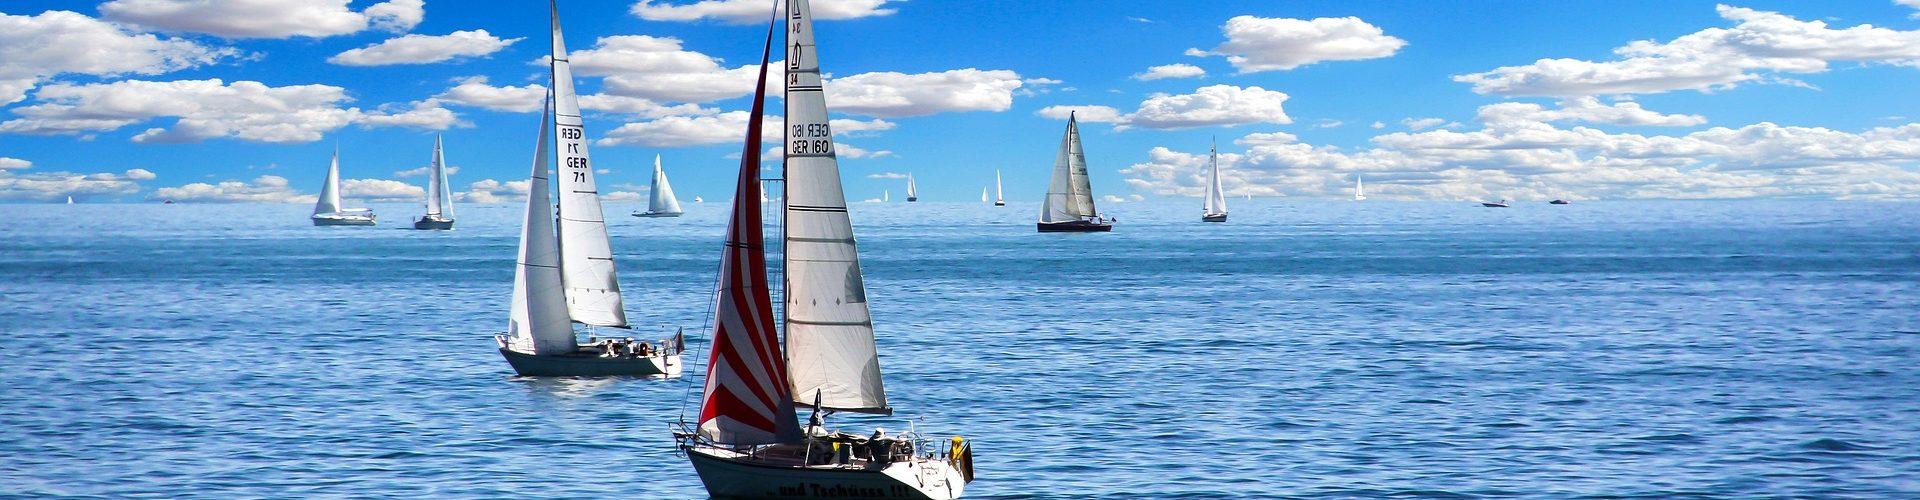 segeln lernen in Höxter segelschein machen in Höxter 1920x500 - Segeln lernen in Höxter